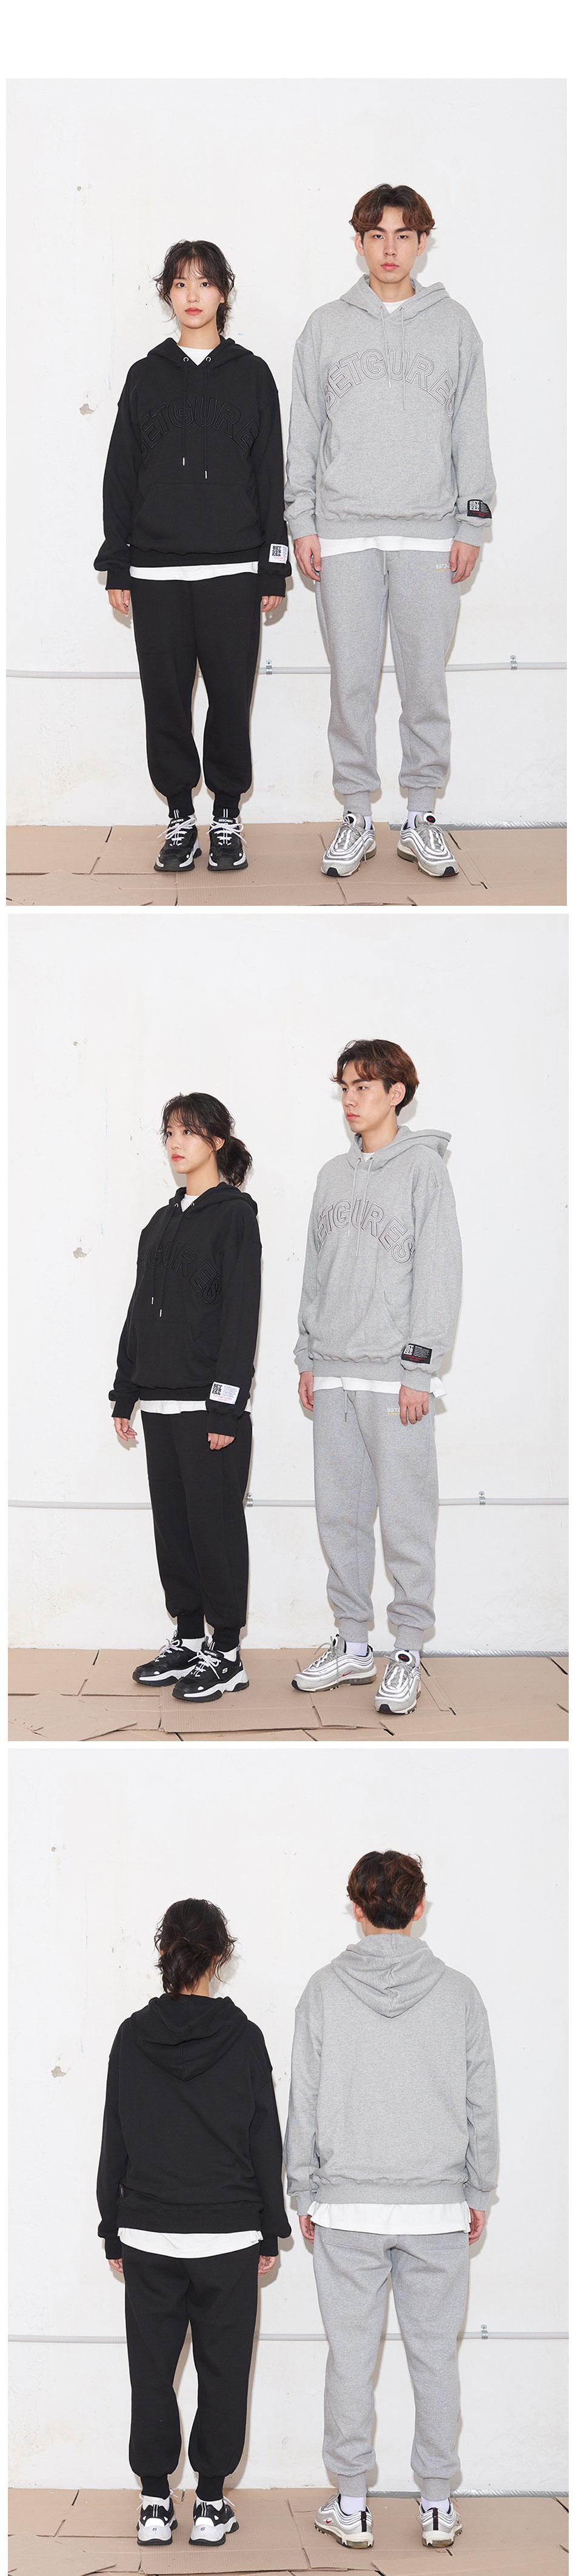 1레터링-엠보자수-후드-맨투맨-검정-_03.jpg